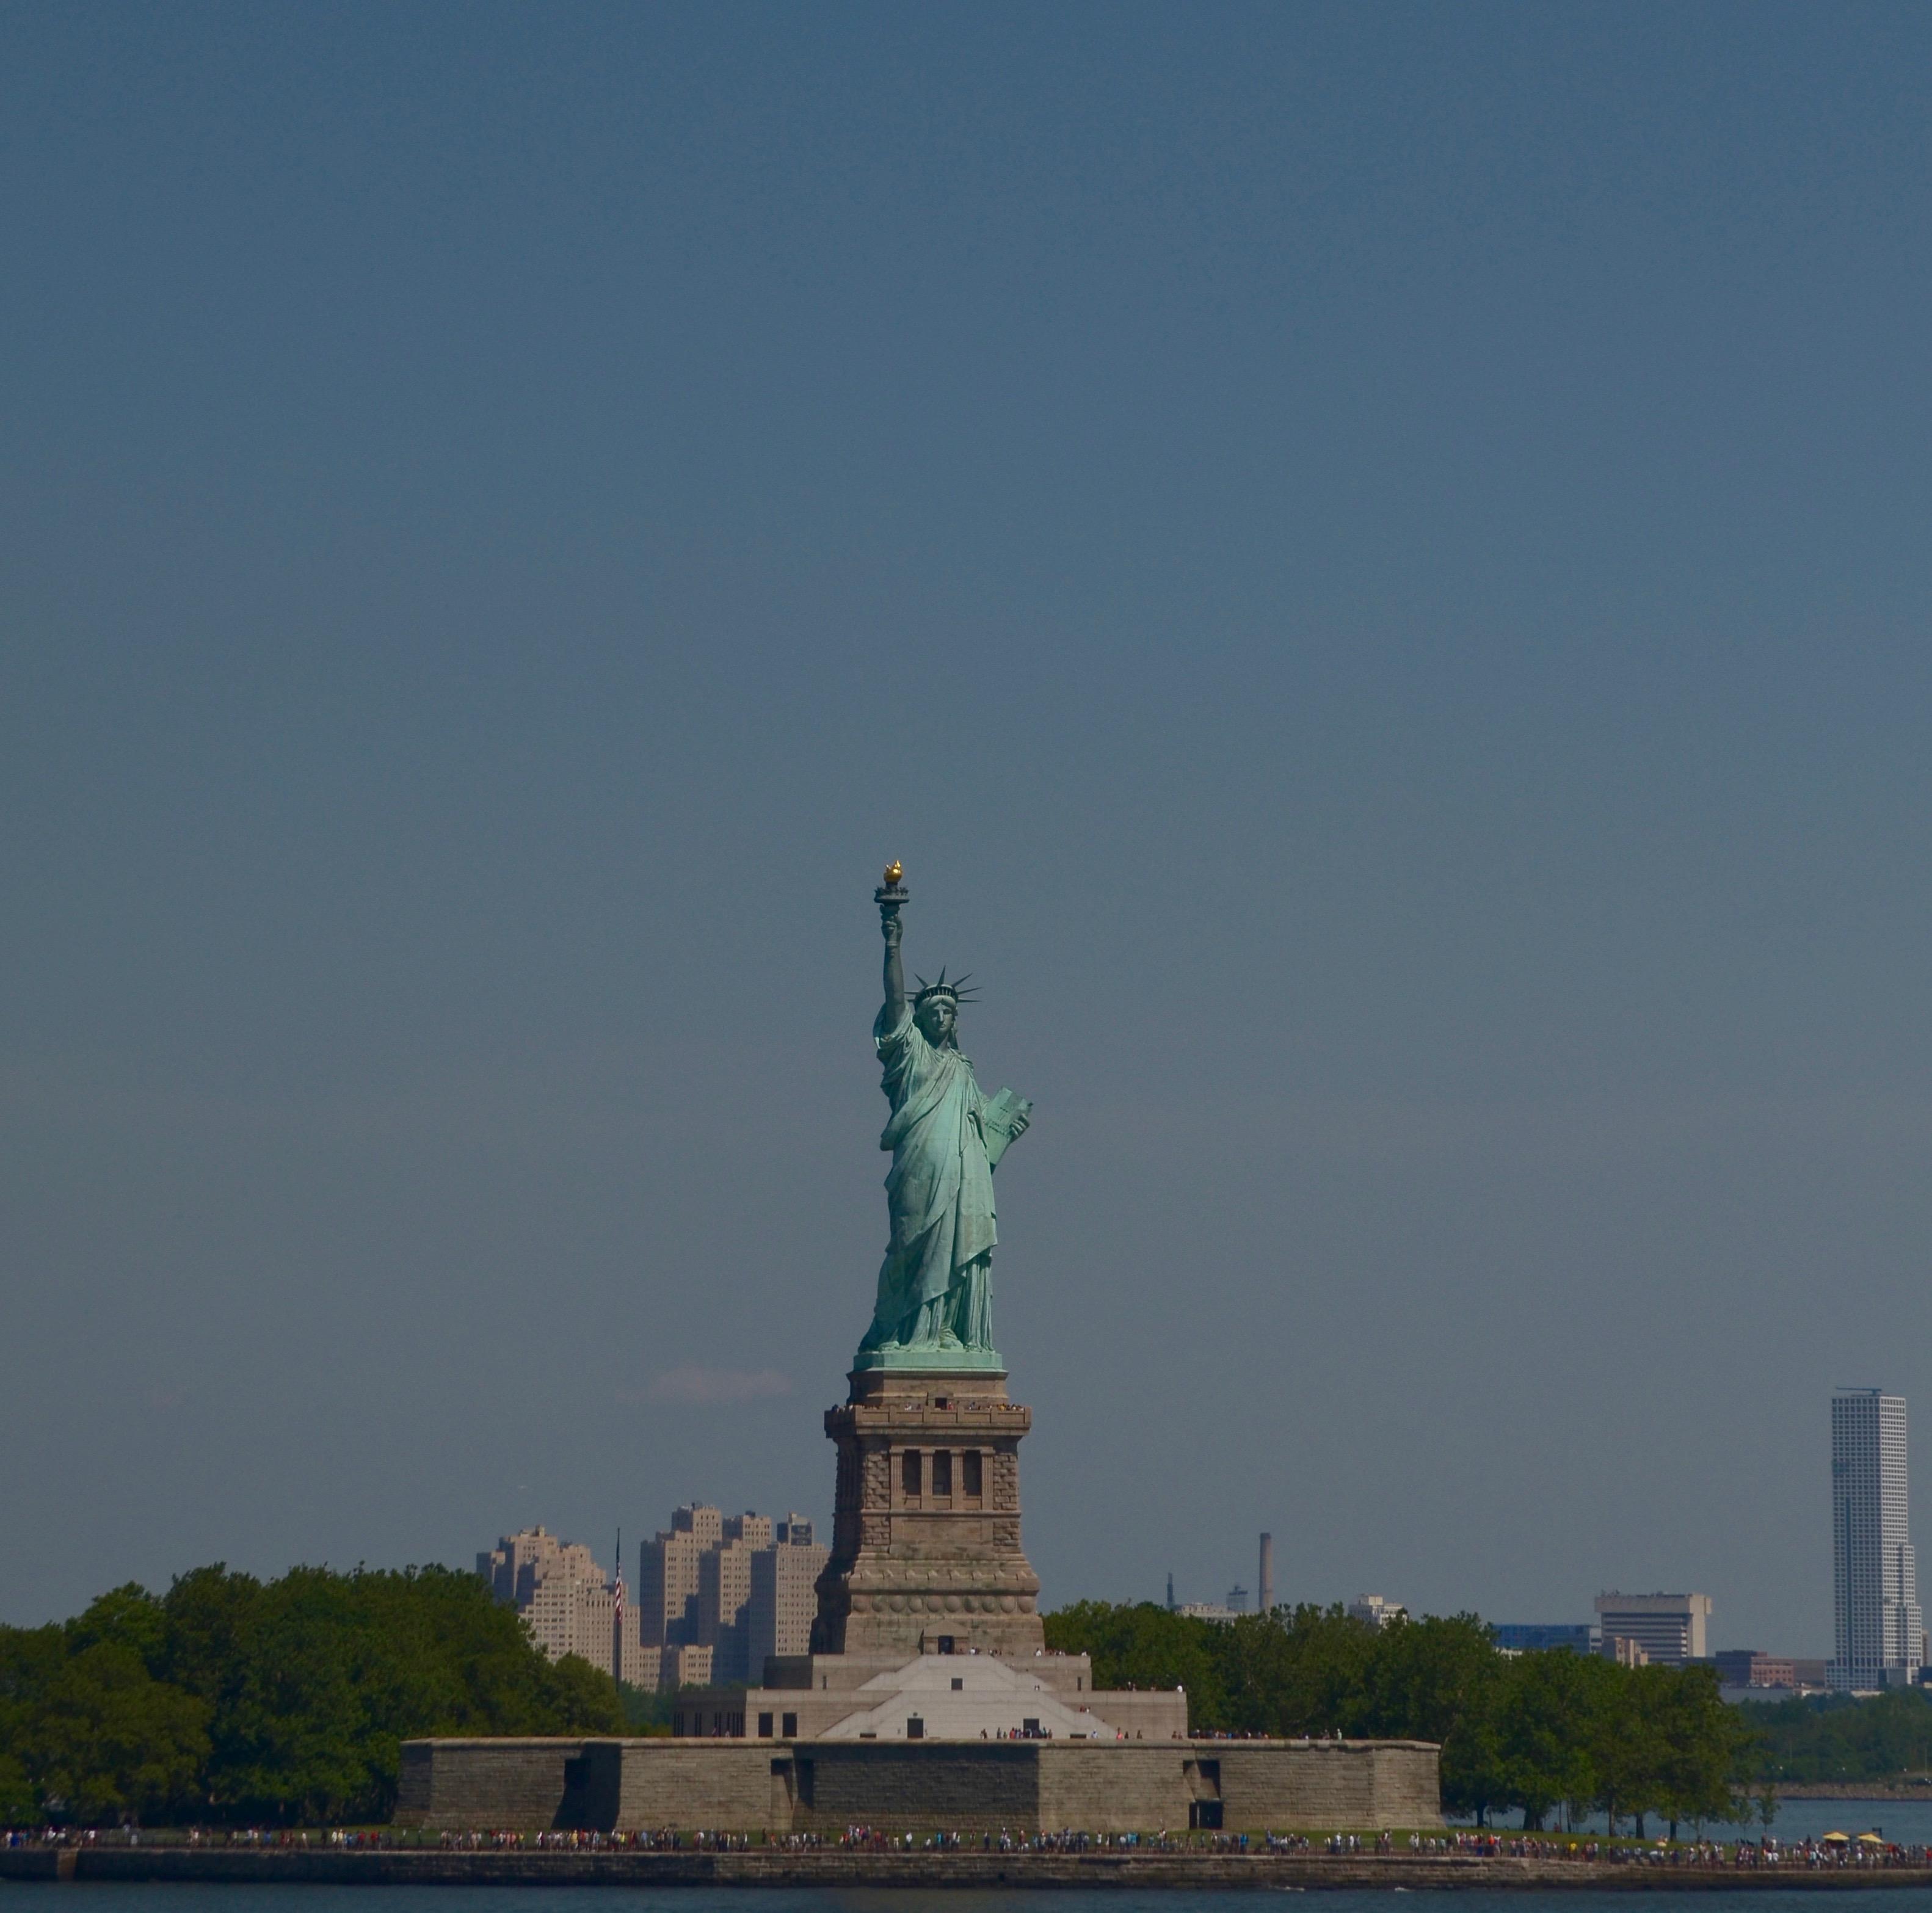 ニューヨーク旅行の話 2の話